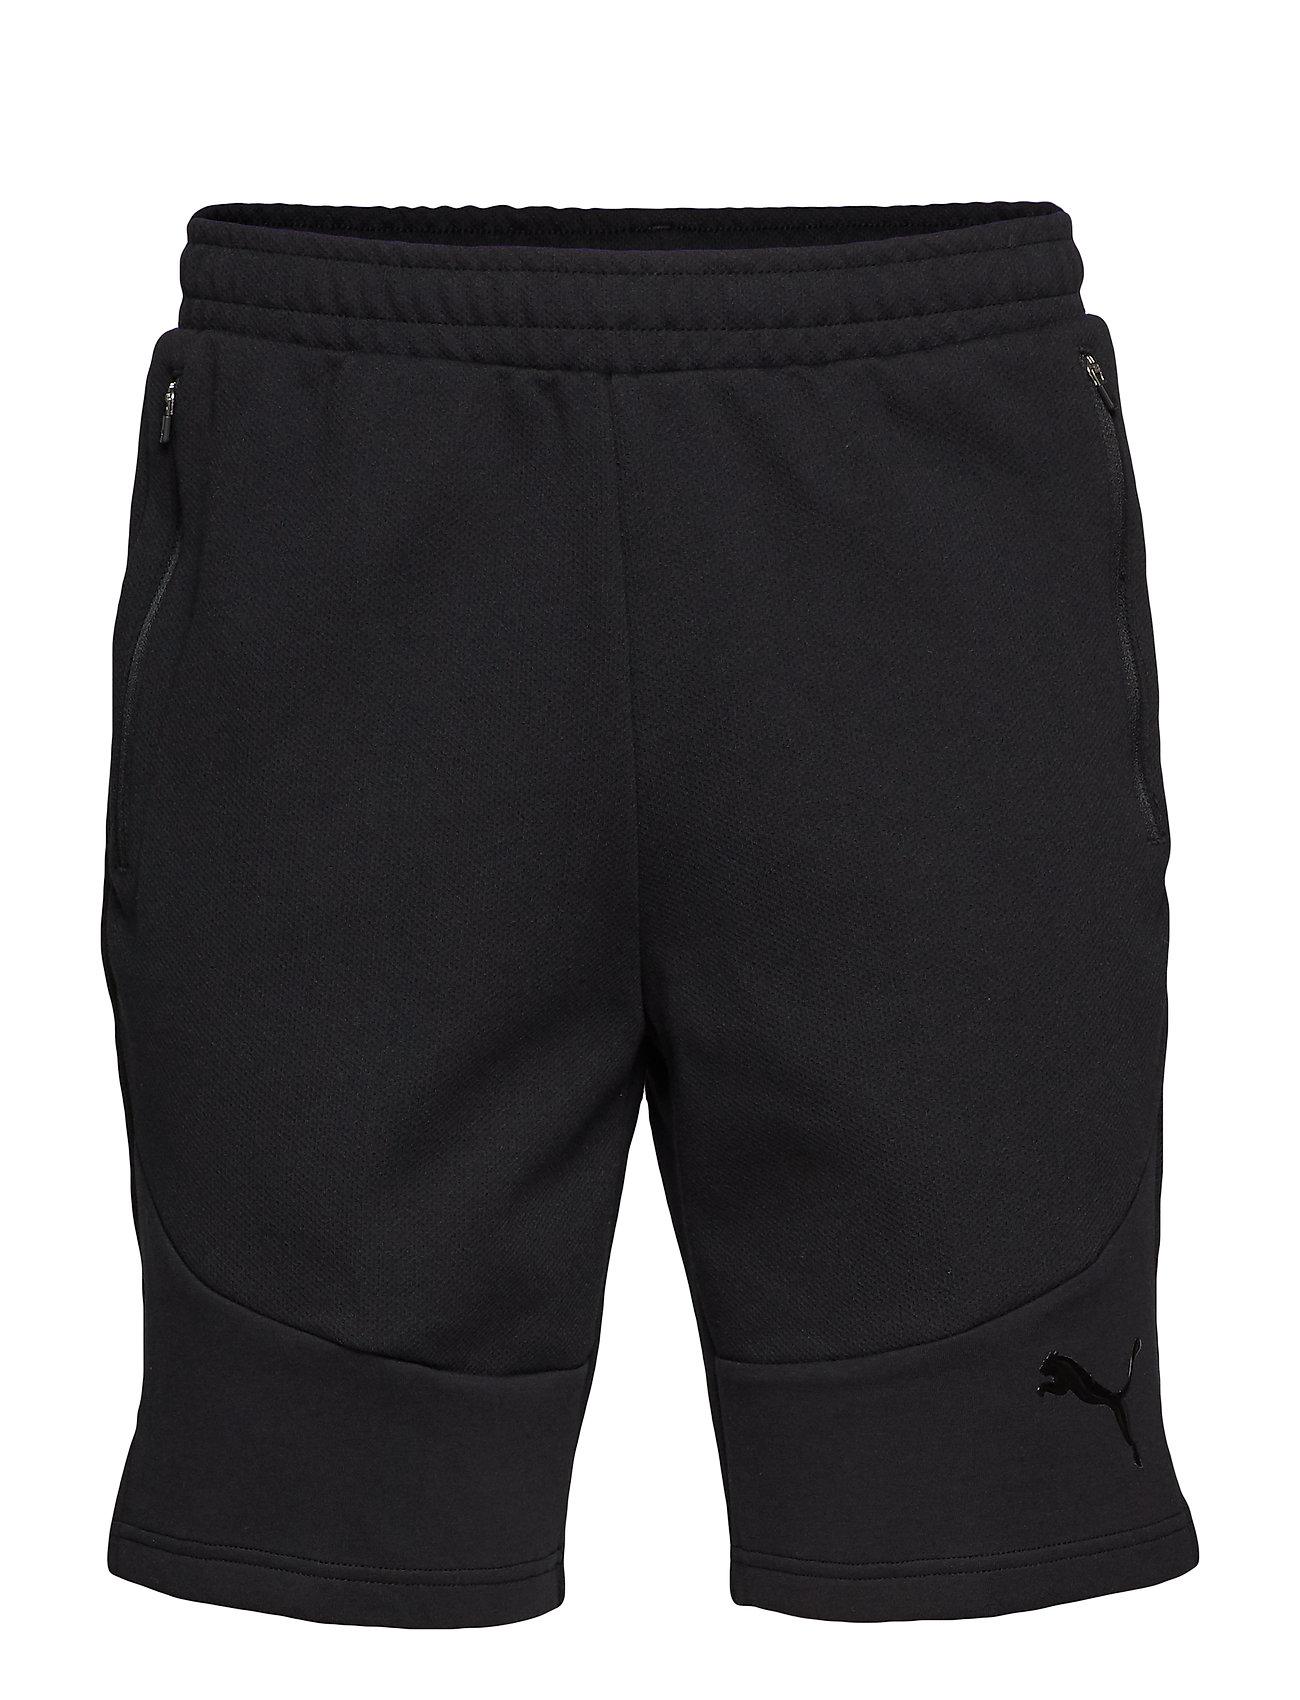 PUMA Evostripe Move Shorts 8  Shorts